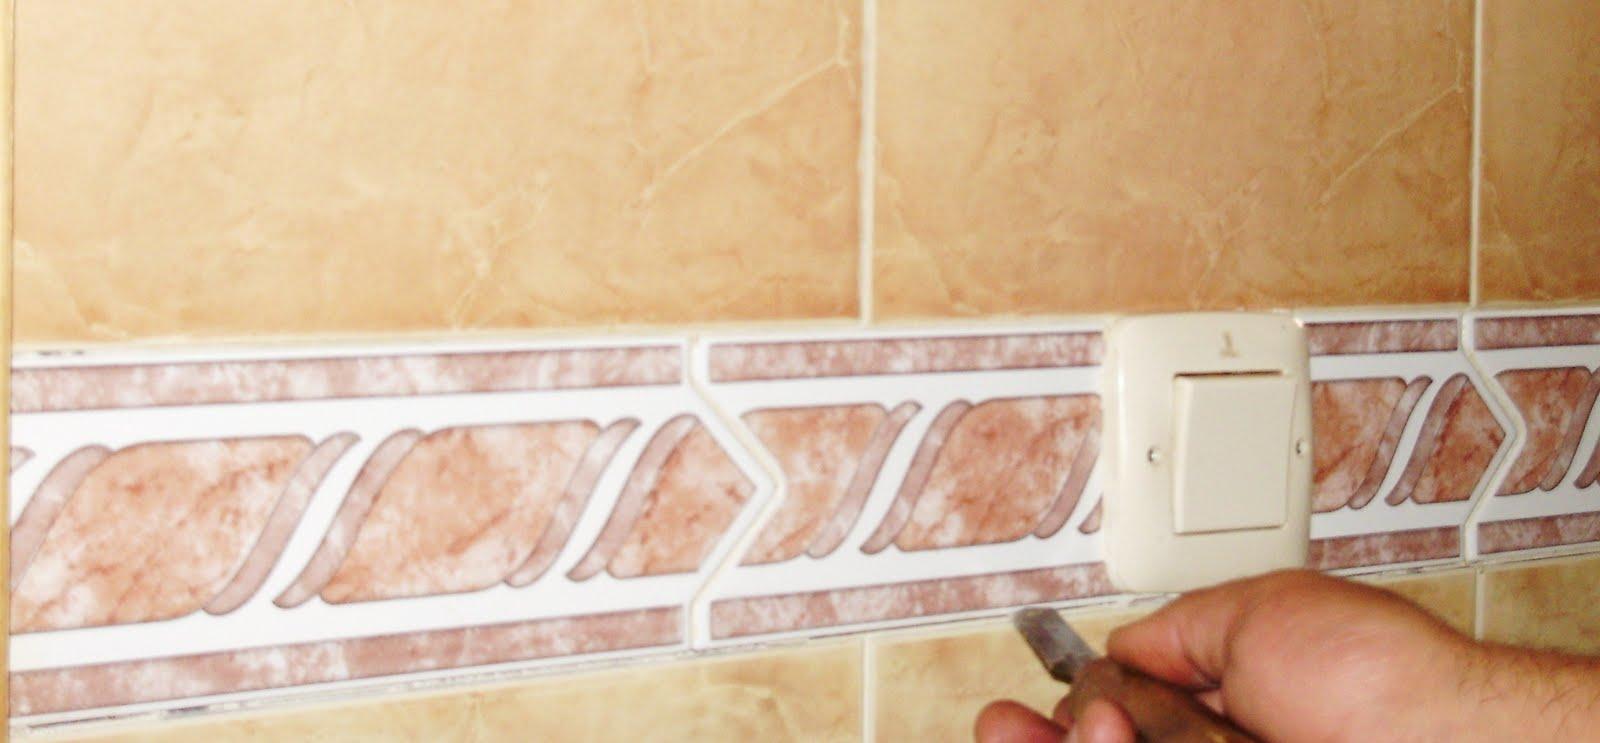 Azulejos Baño Sueltos:Debido a las dilataciones y contracciones en los edificios, los